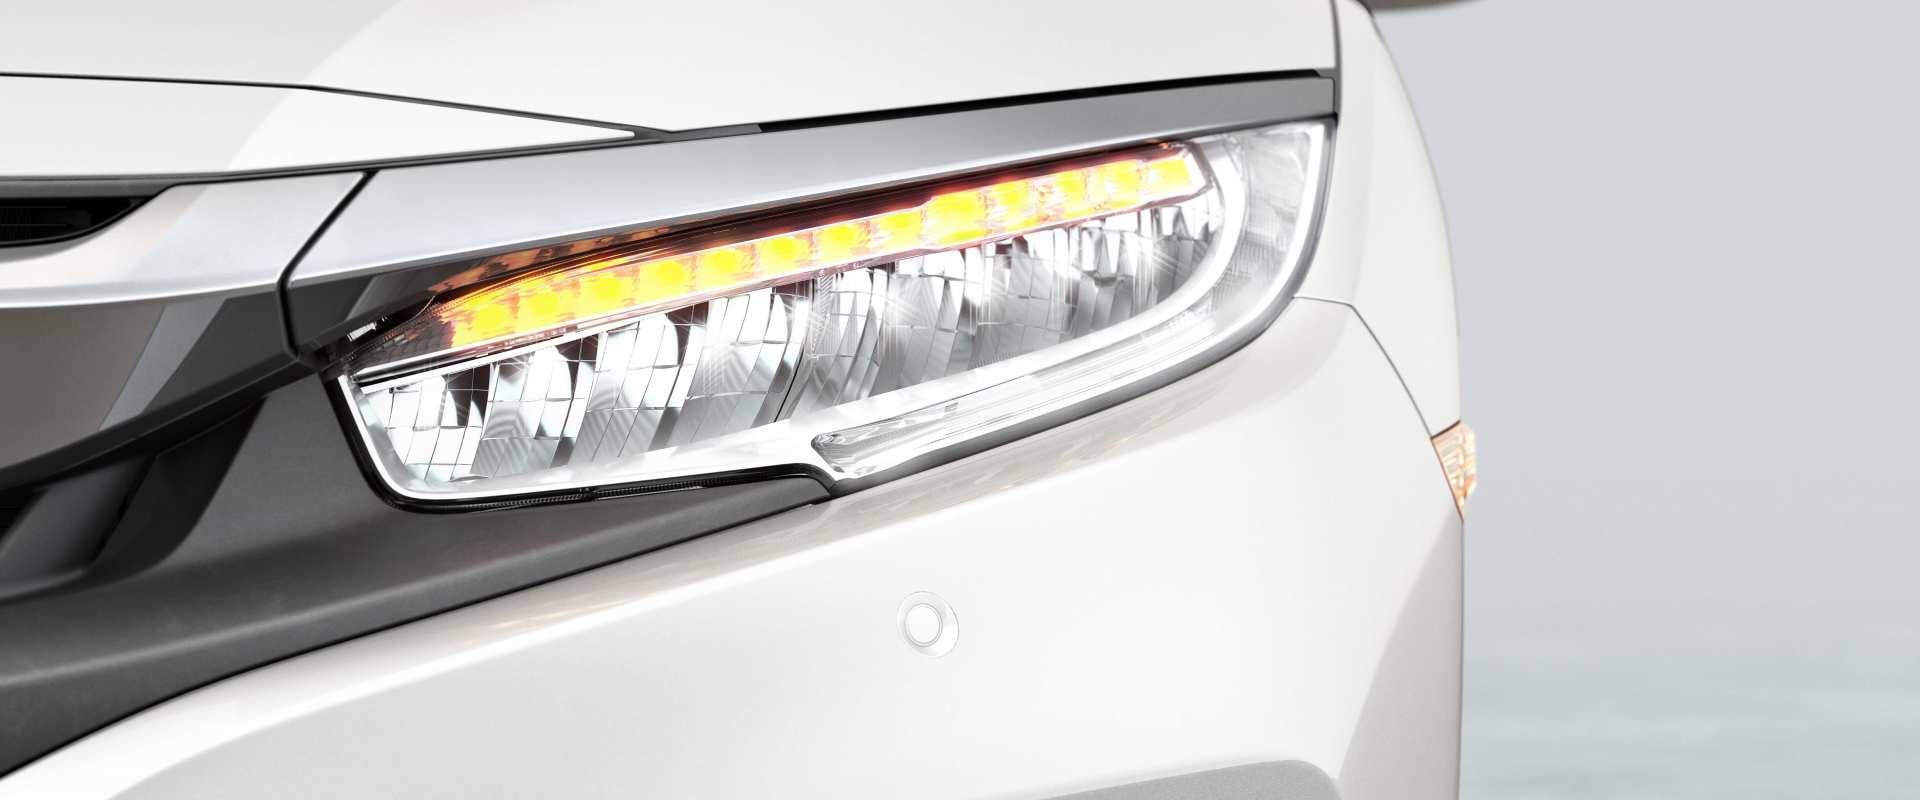 Conjunto óptico frontal full LED com acendimento automático (sensor crepuscular) - Sofisticação e luzes em LED em todo o sistema de iluminação: farol alto, baixo, indicadores de direção, luzes diurnas e de posição. Com o sensor crepuscular, ao cair a luminosidade externa, os faróis do carro se acendem automaticamente.